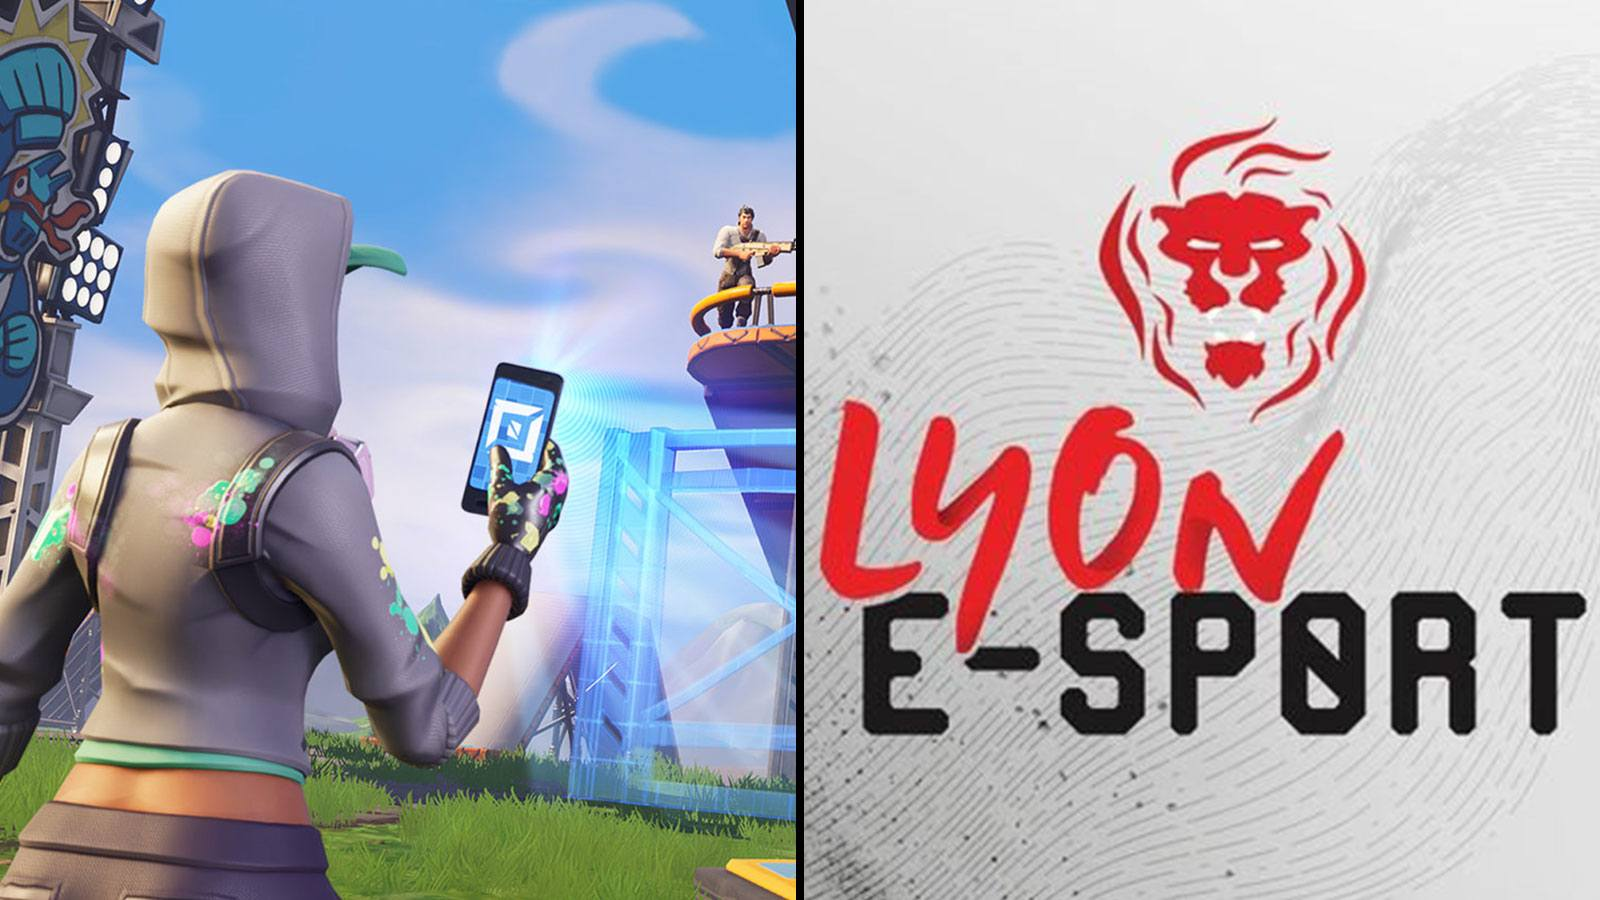 compétition Fortnite Créatif lyon e-sport 2020